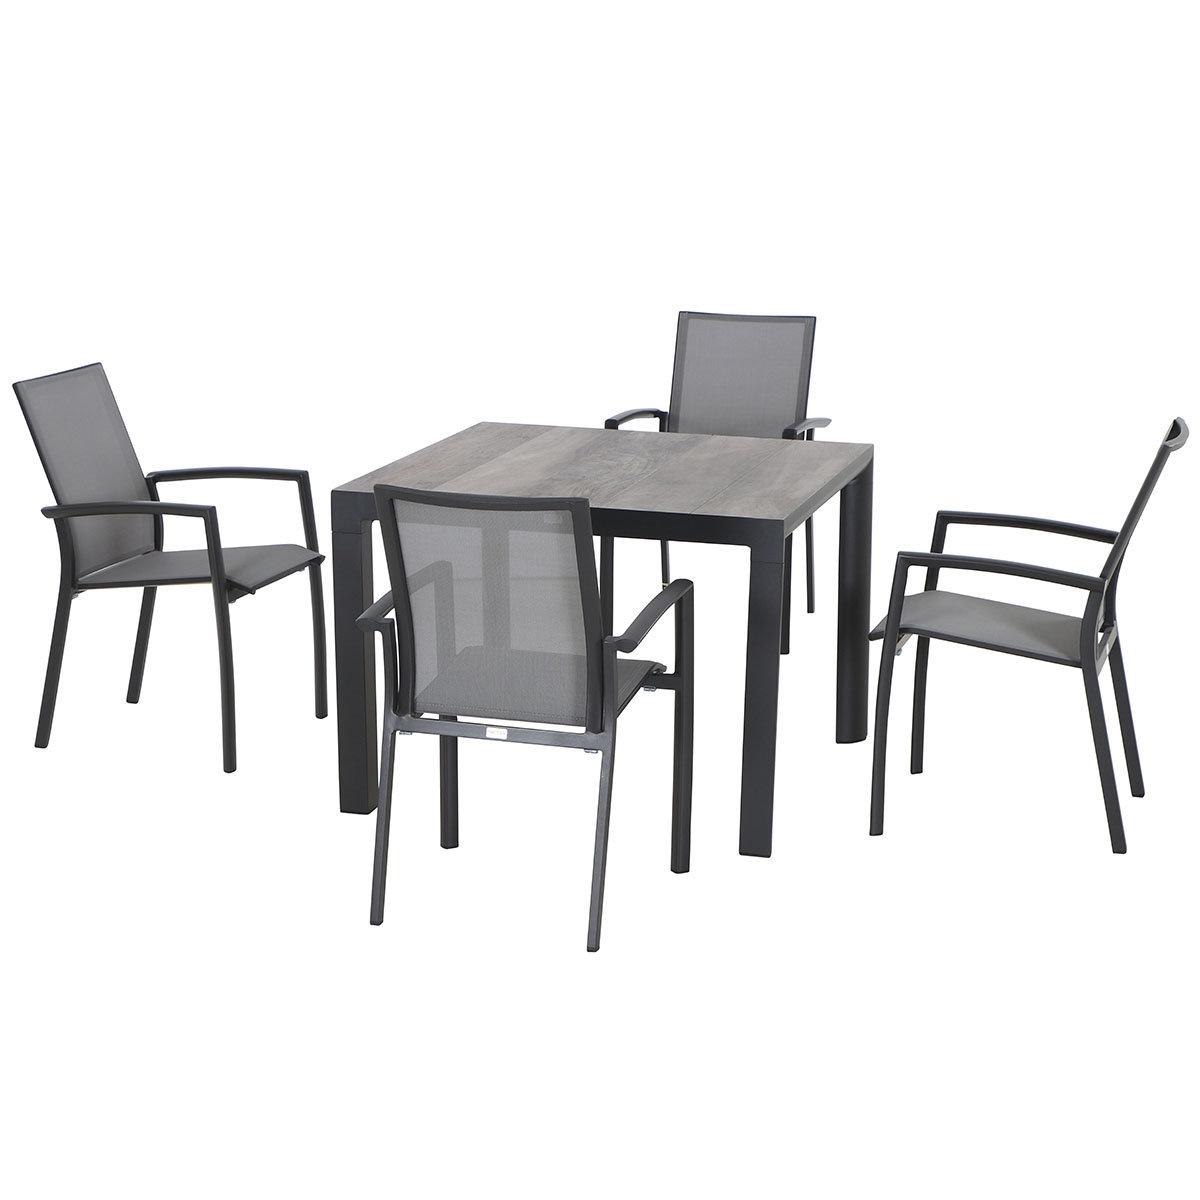 Gartenmöbel-Set Velia mit 4 Stapelstühlen und 1 quadratischer Tisch   #2